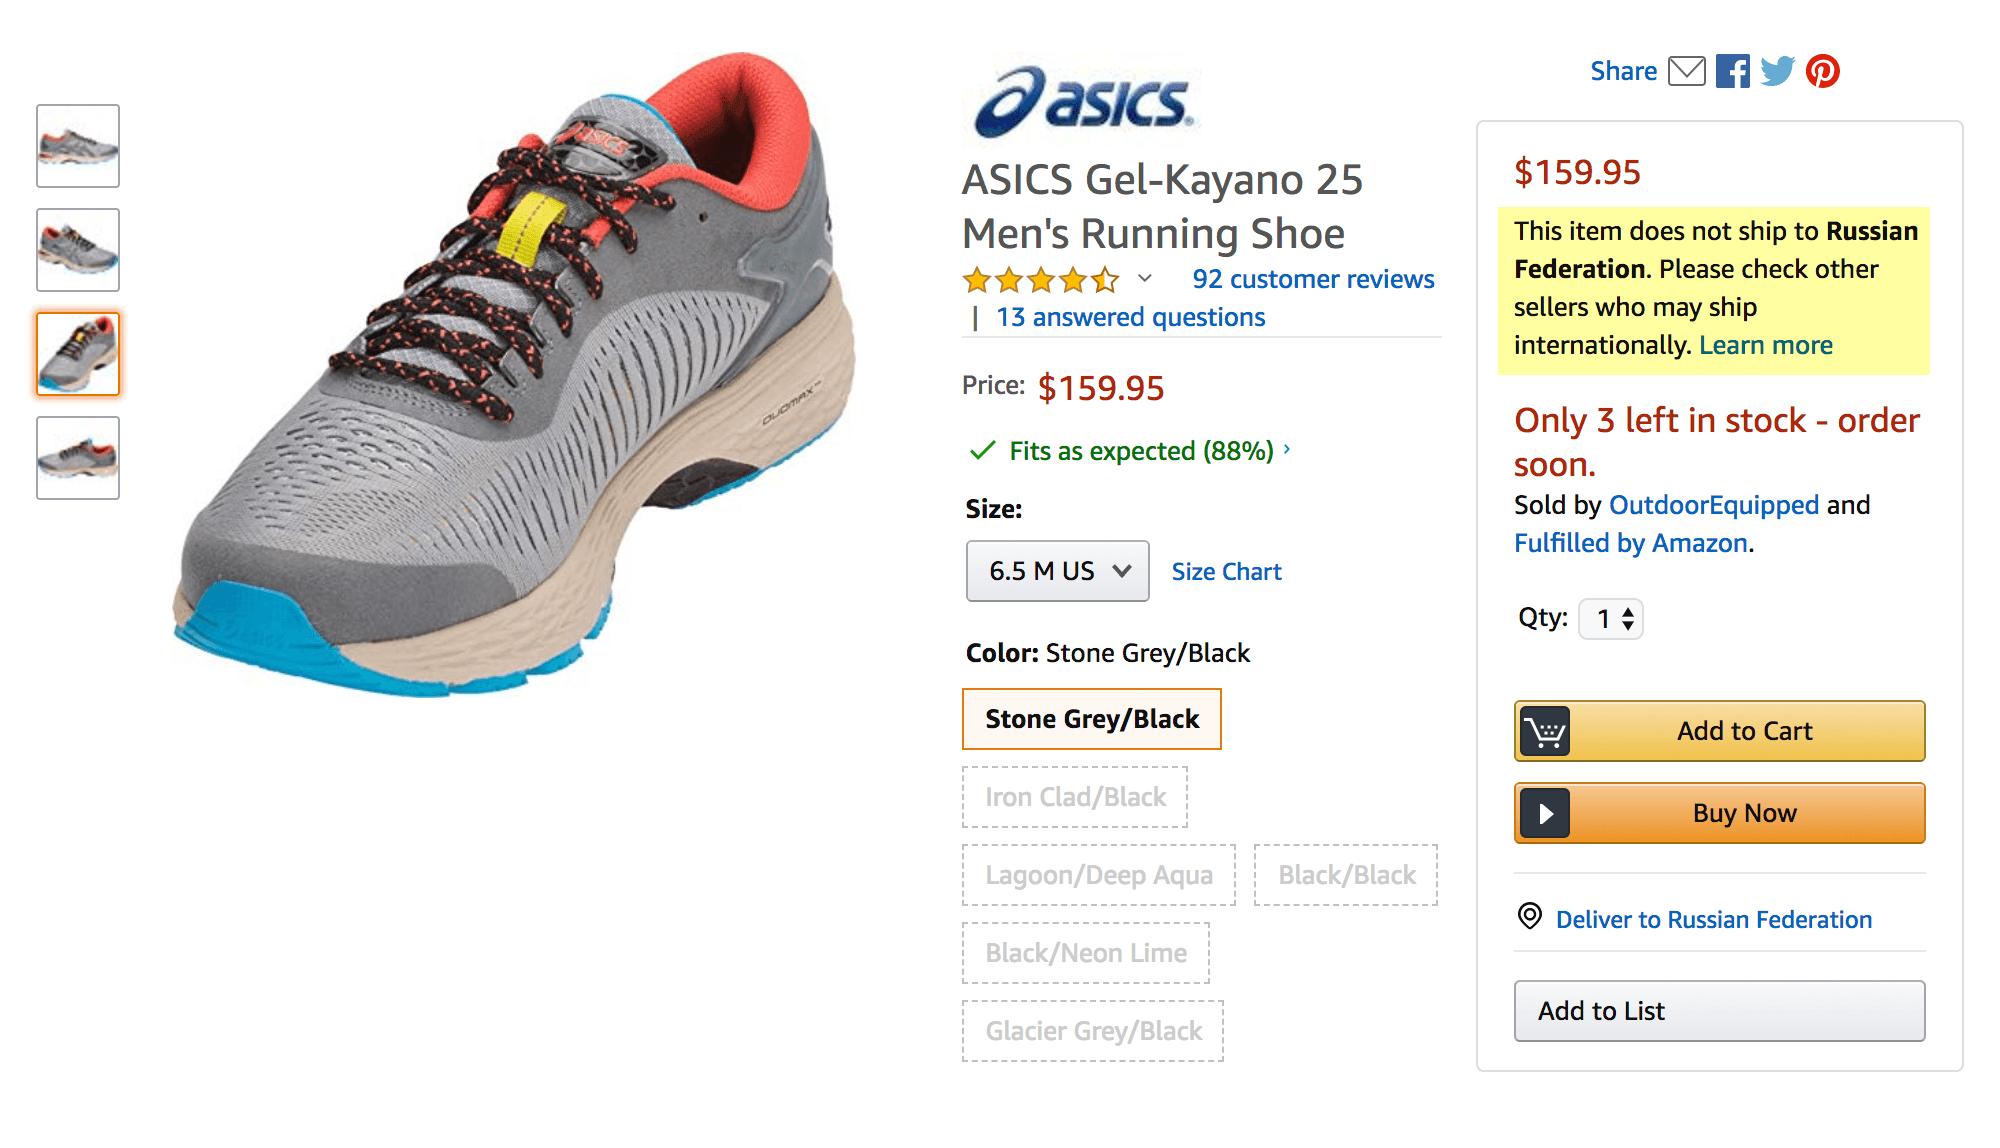 Эти кроссовки в Россию не отправят, хотя в поиске я специально попросил вывести товары, доступные для международной доставки